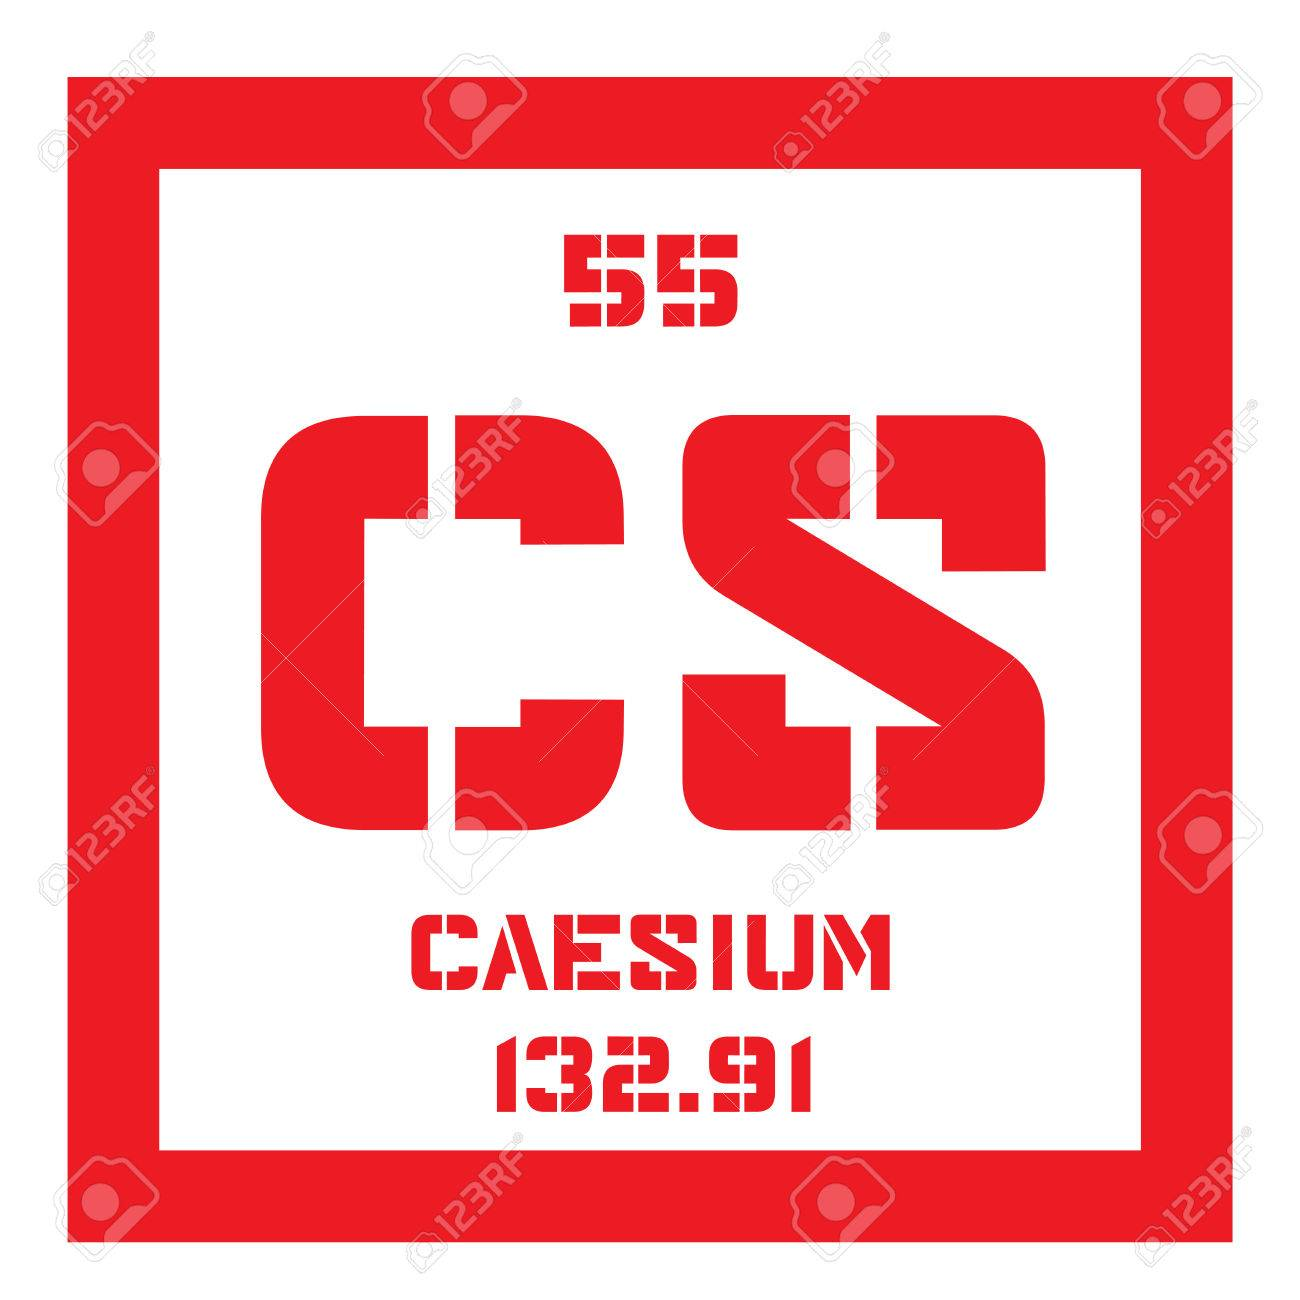 Caesium chemical element soft alkali metal colored icon with caesium chemical element soft alkali metal colored icon with atomic number and atomic weight urtaz Gallery